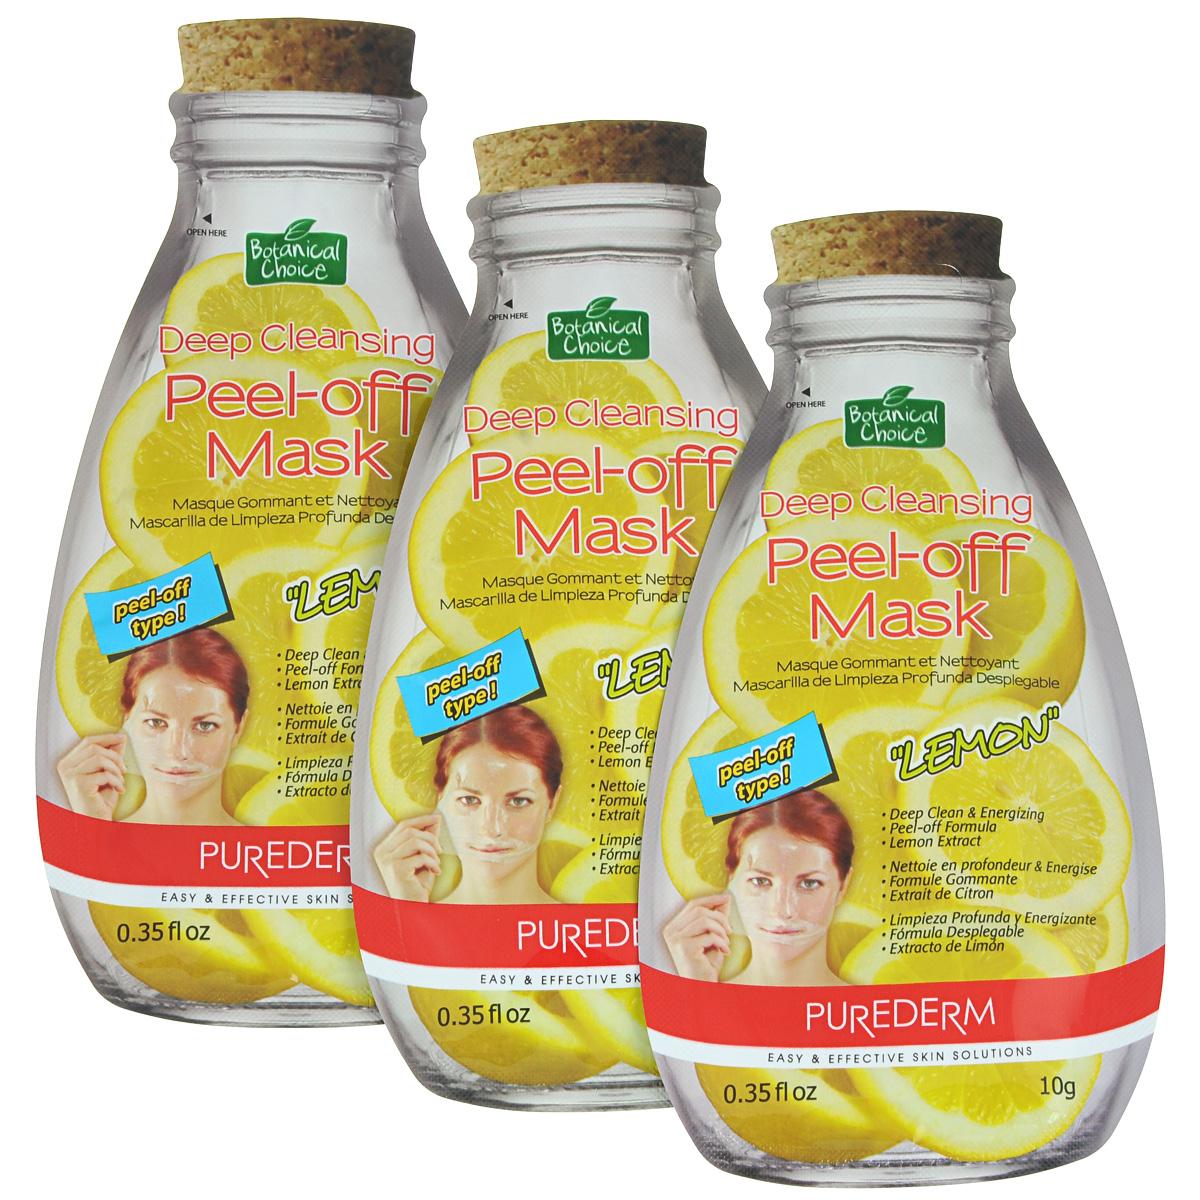 Purederm Глубоко очищающая маска-пилинг для лица Лимон, 3 х 10 г.491602Маска- пленка мягко отшелушивает омертвевшие клетки кожи. Ароматный экстракт Лимона заряжает энергией и оставляет чувство свежести и чистоты.Маска-пленка плотно прилегает к коже, обеспечивая глубокое проникновение компонентов. В результате применения кожа выглядит чистой, гладкой и увлажненной.